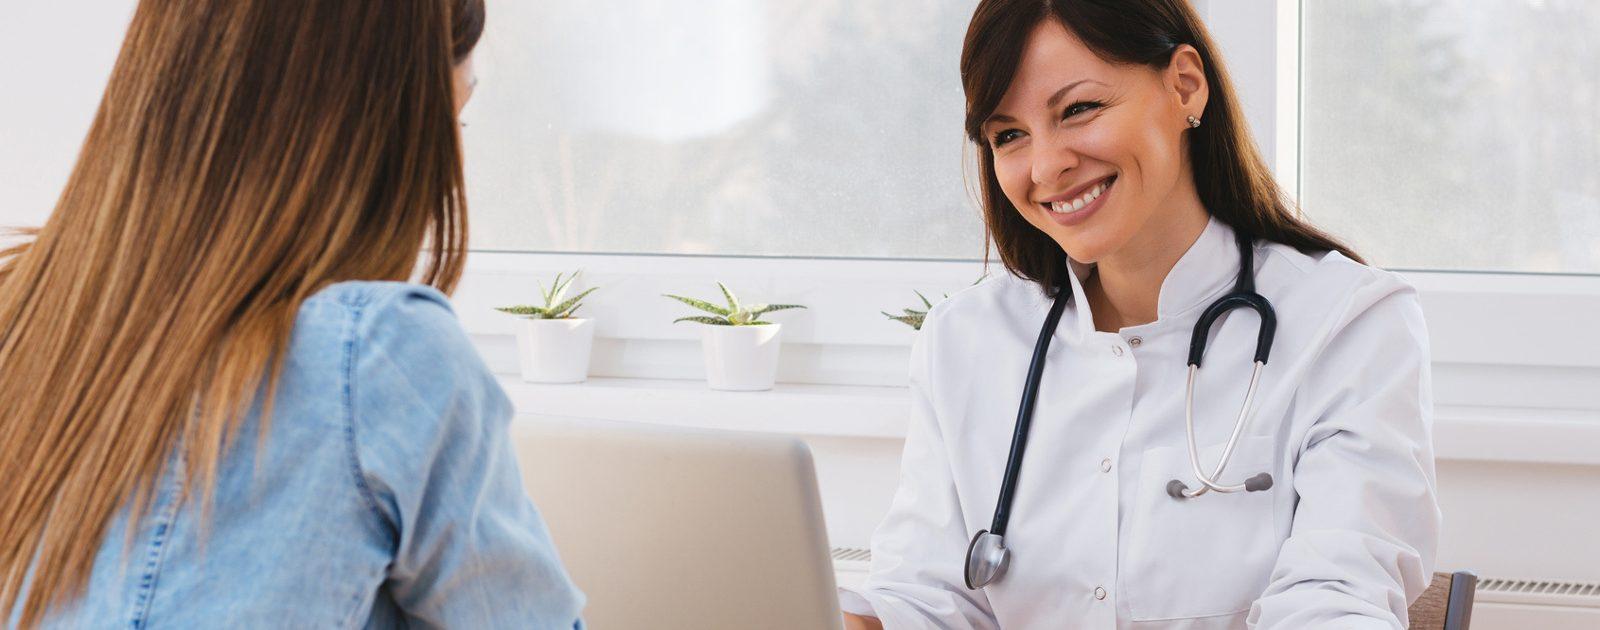 Ärztin spricht mit einer Patientin über die Diagnose Reizmagen.